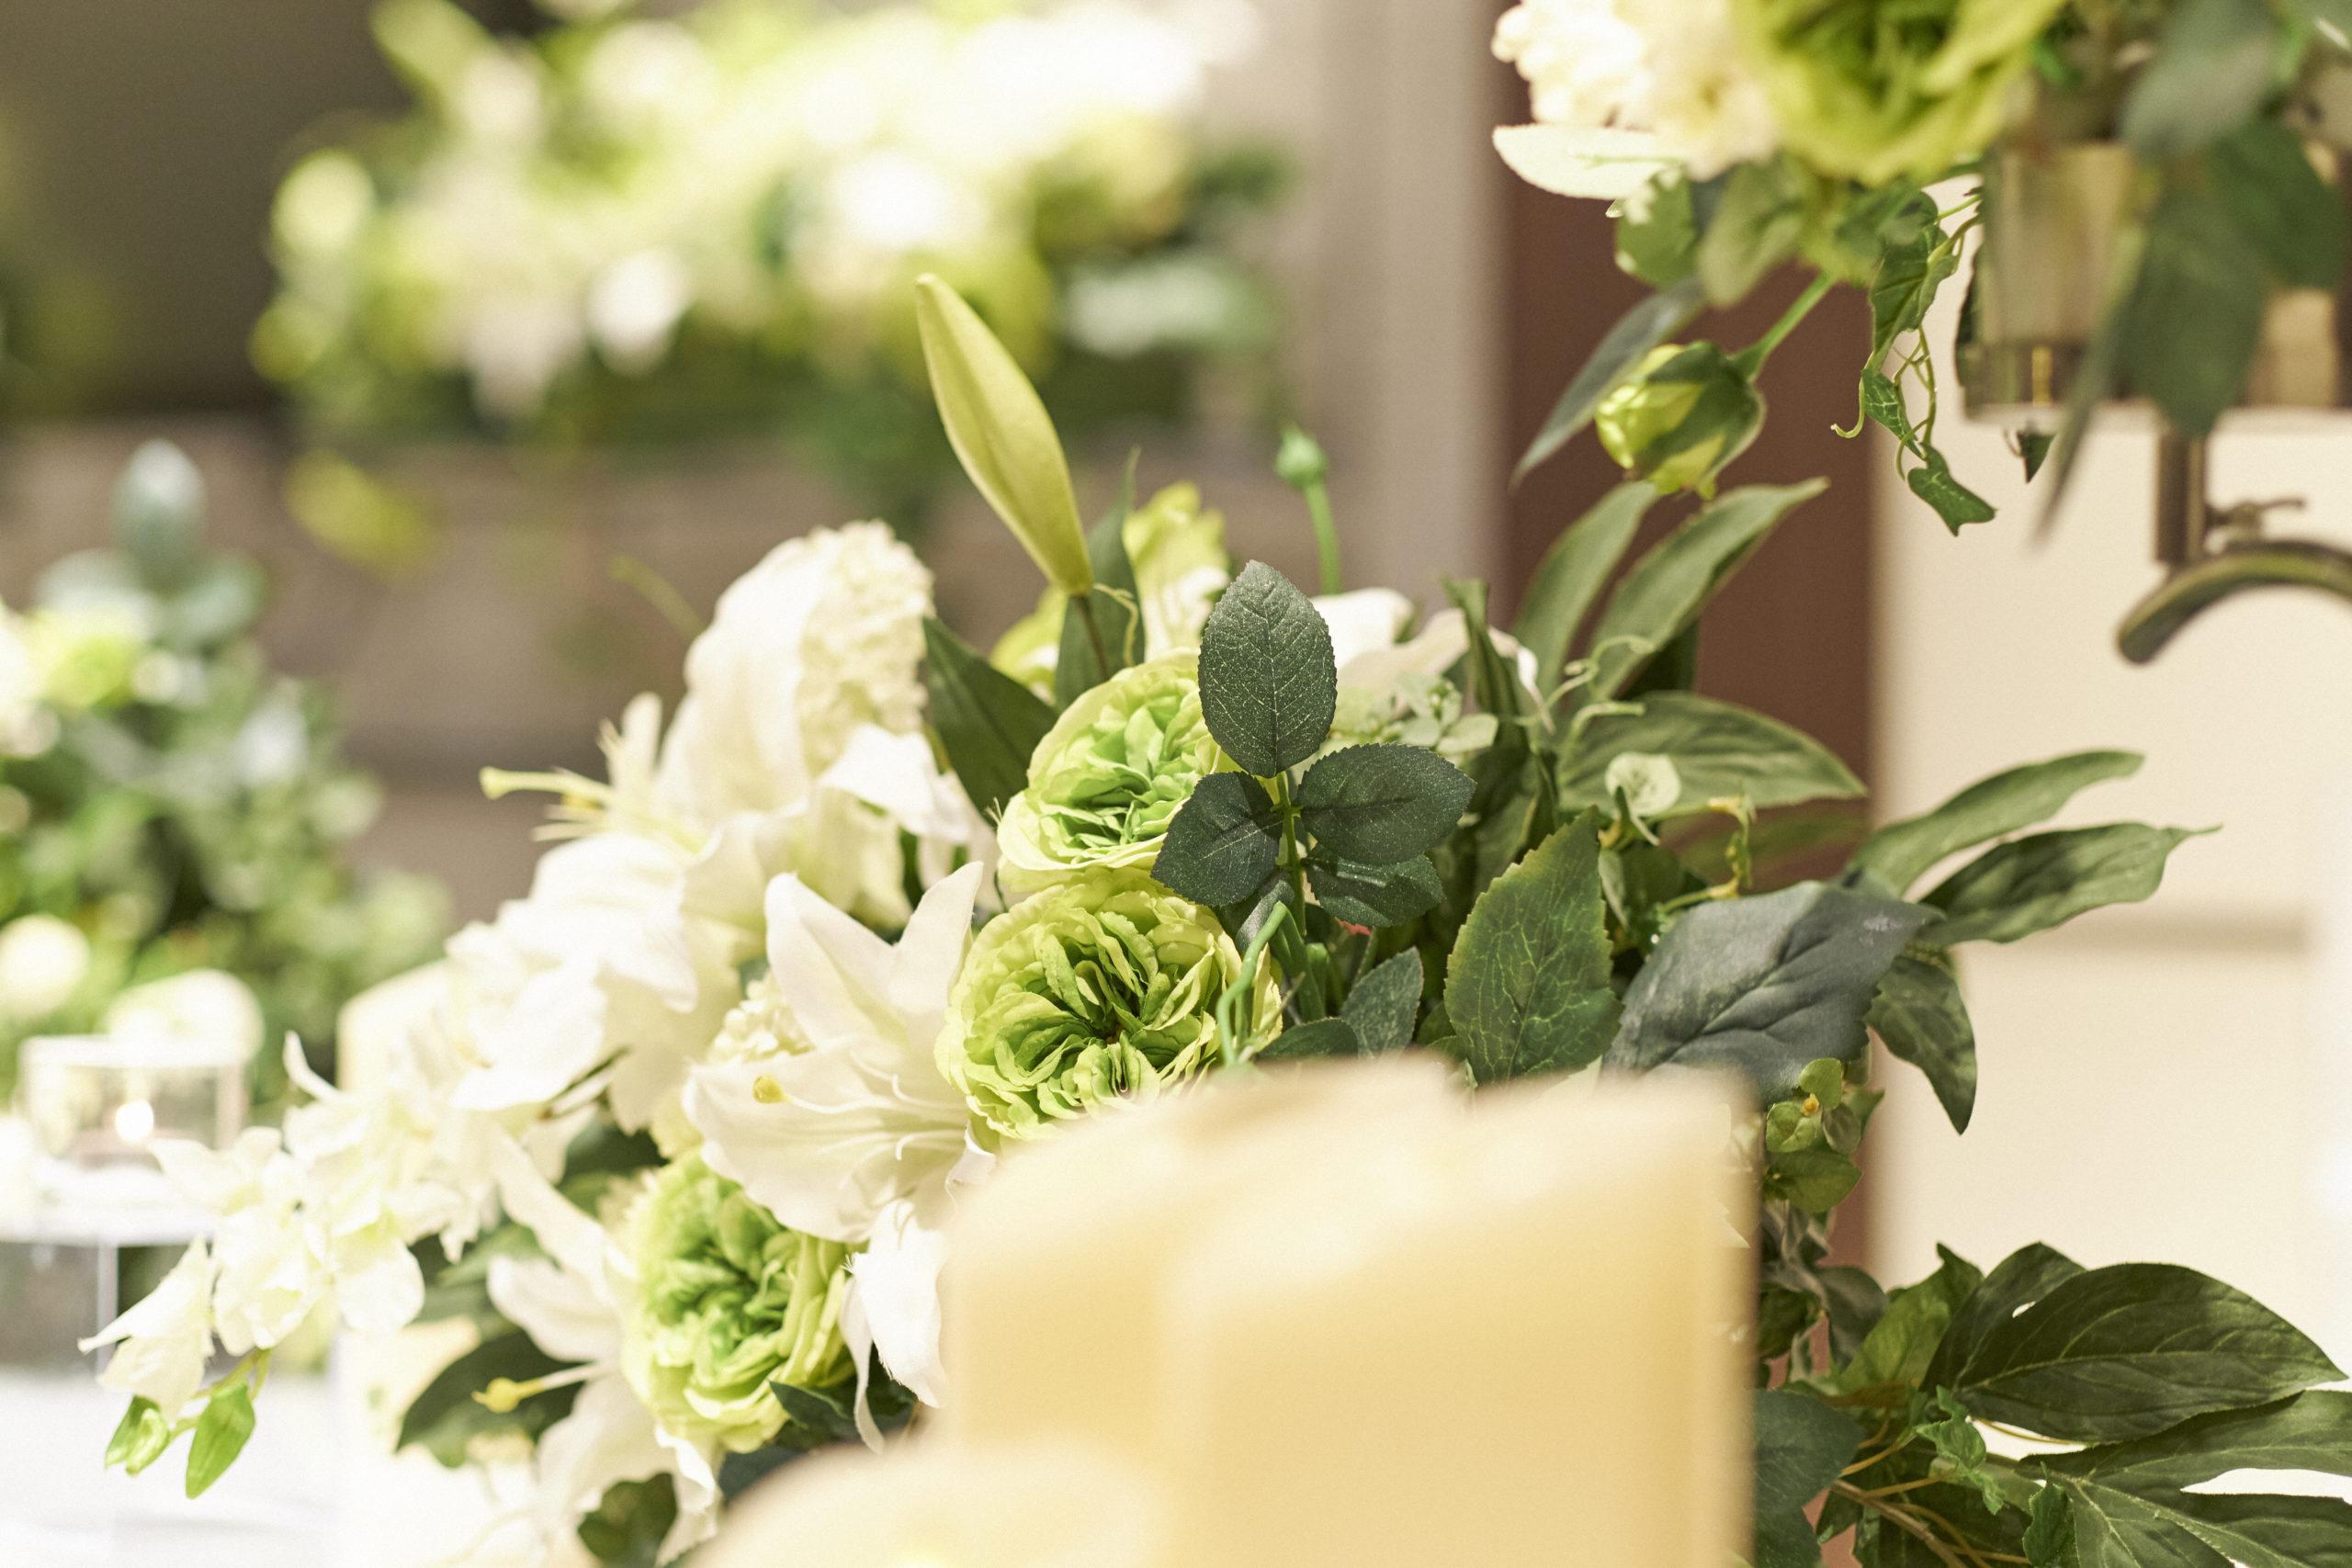 葬儀に送る花【供花・供物】種類と金額の相場